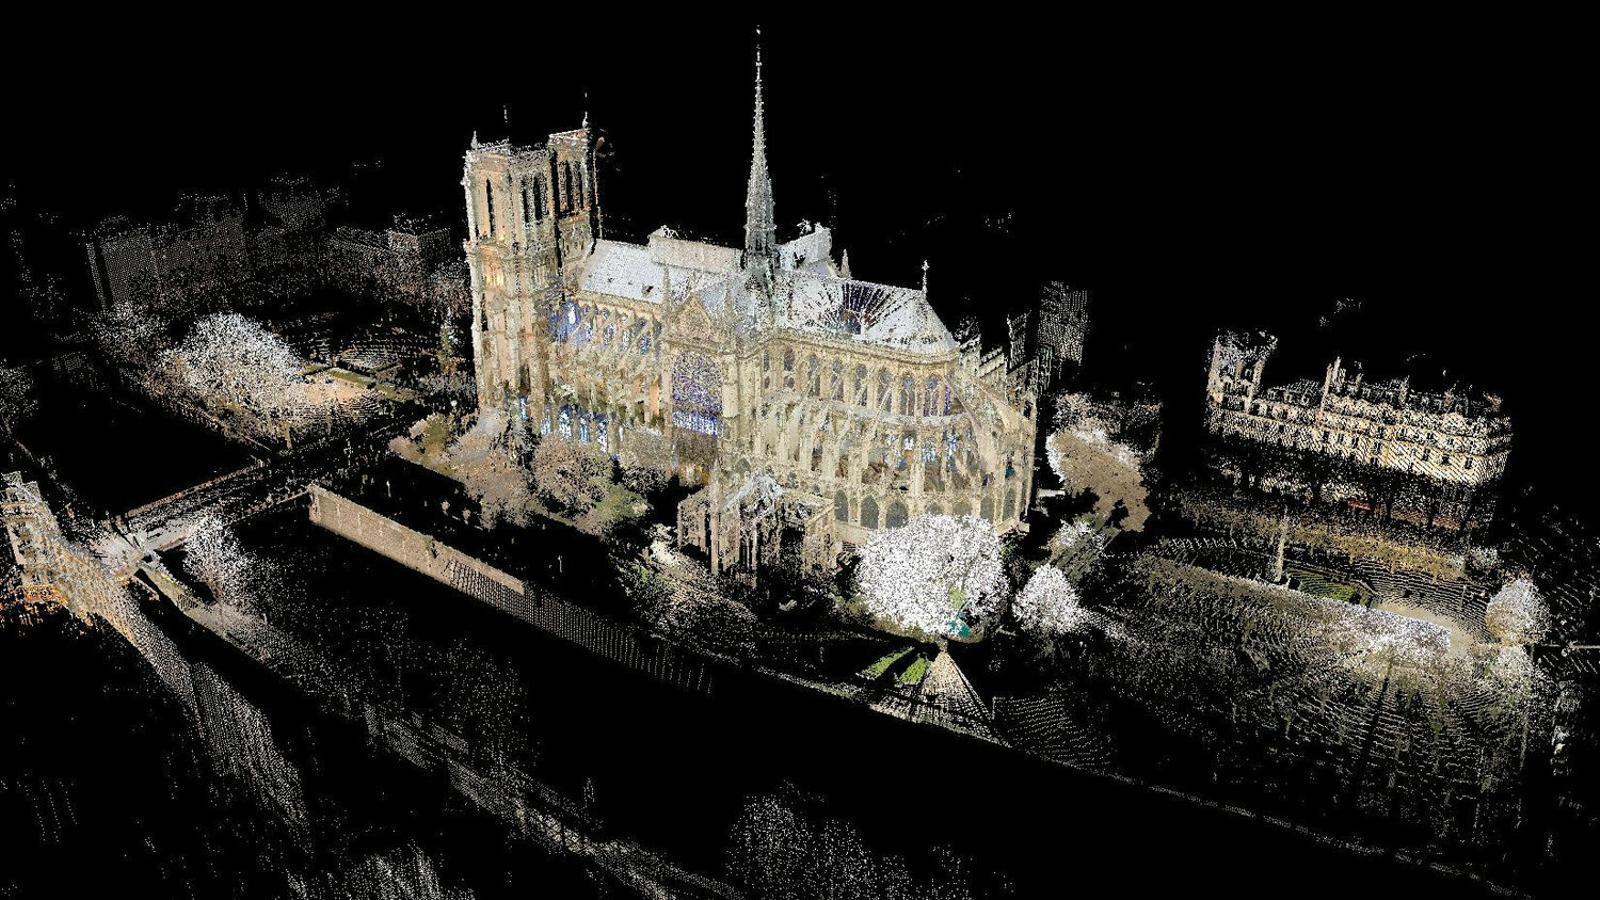 01. Escaneig làser de Notre-Dame. 02. Escaneig làser de l'estructura de la coberta. 03. Secció en 3D de la catedral de Notre-Dame. . 04. Versió de la Stryge feta amb cendra i pedra calcària.  Peu de foto.